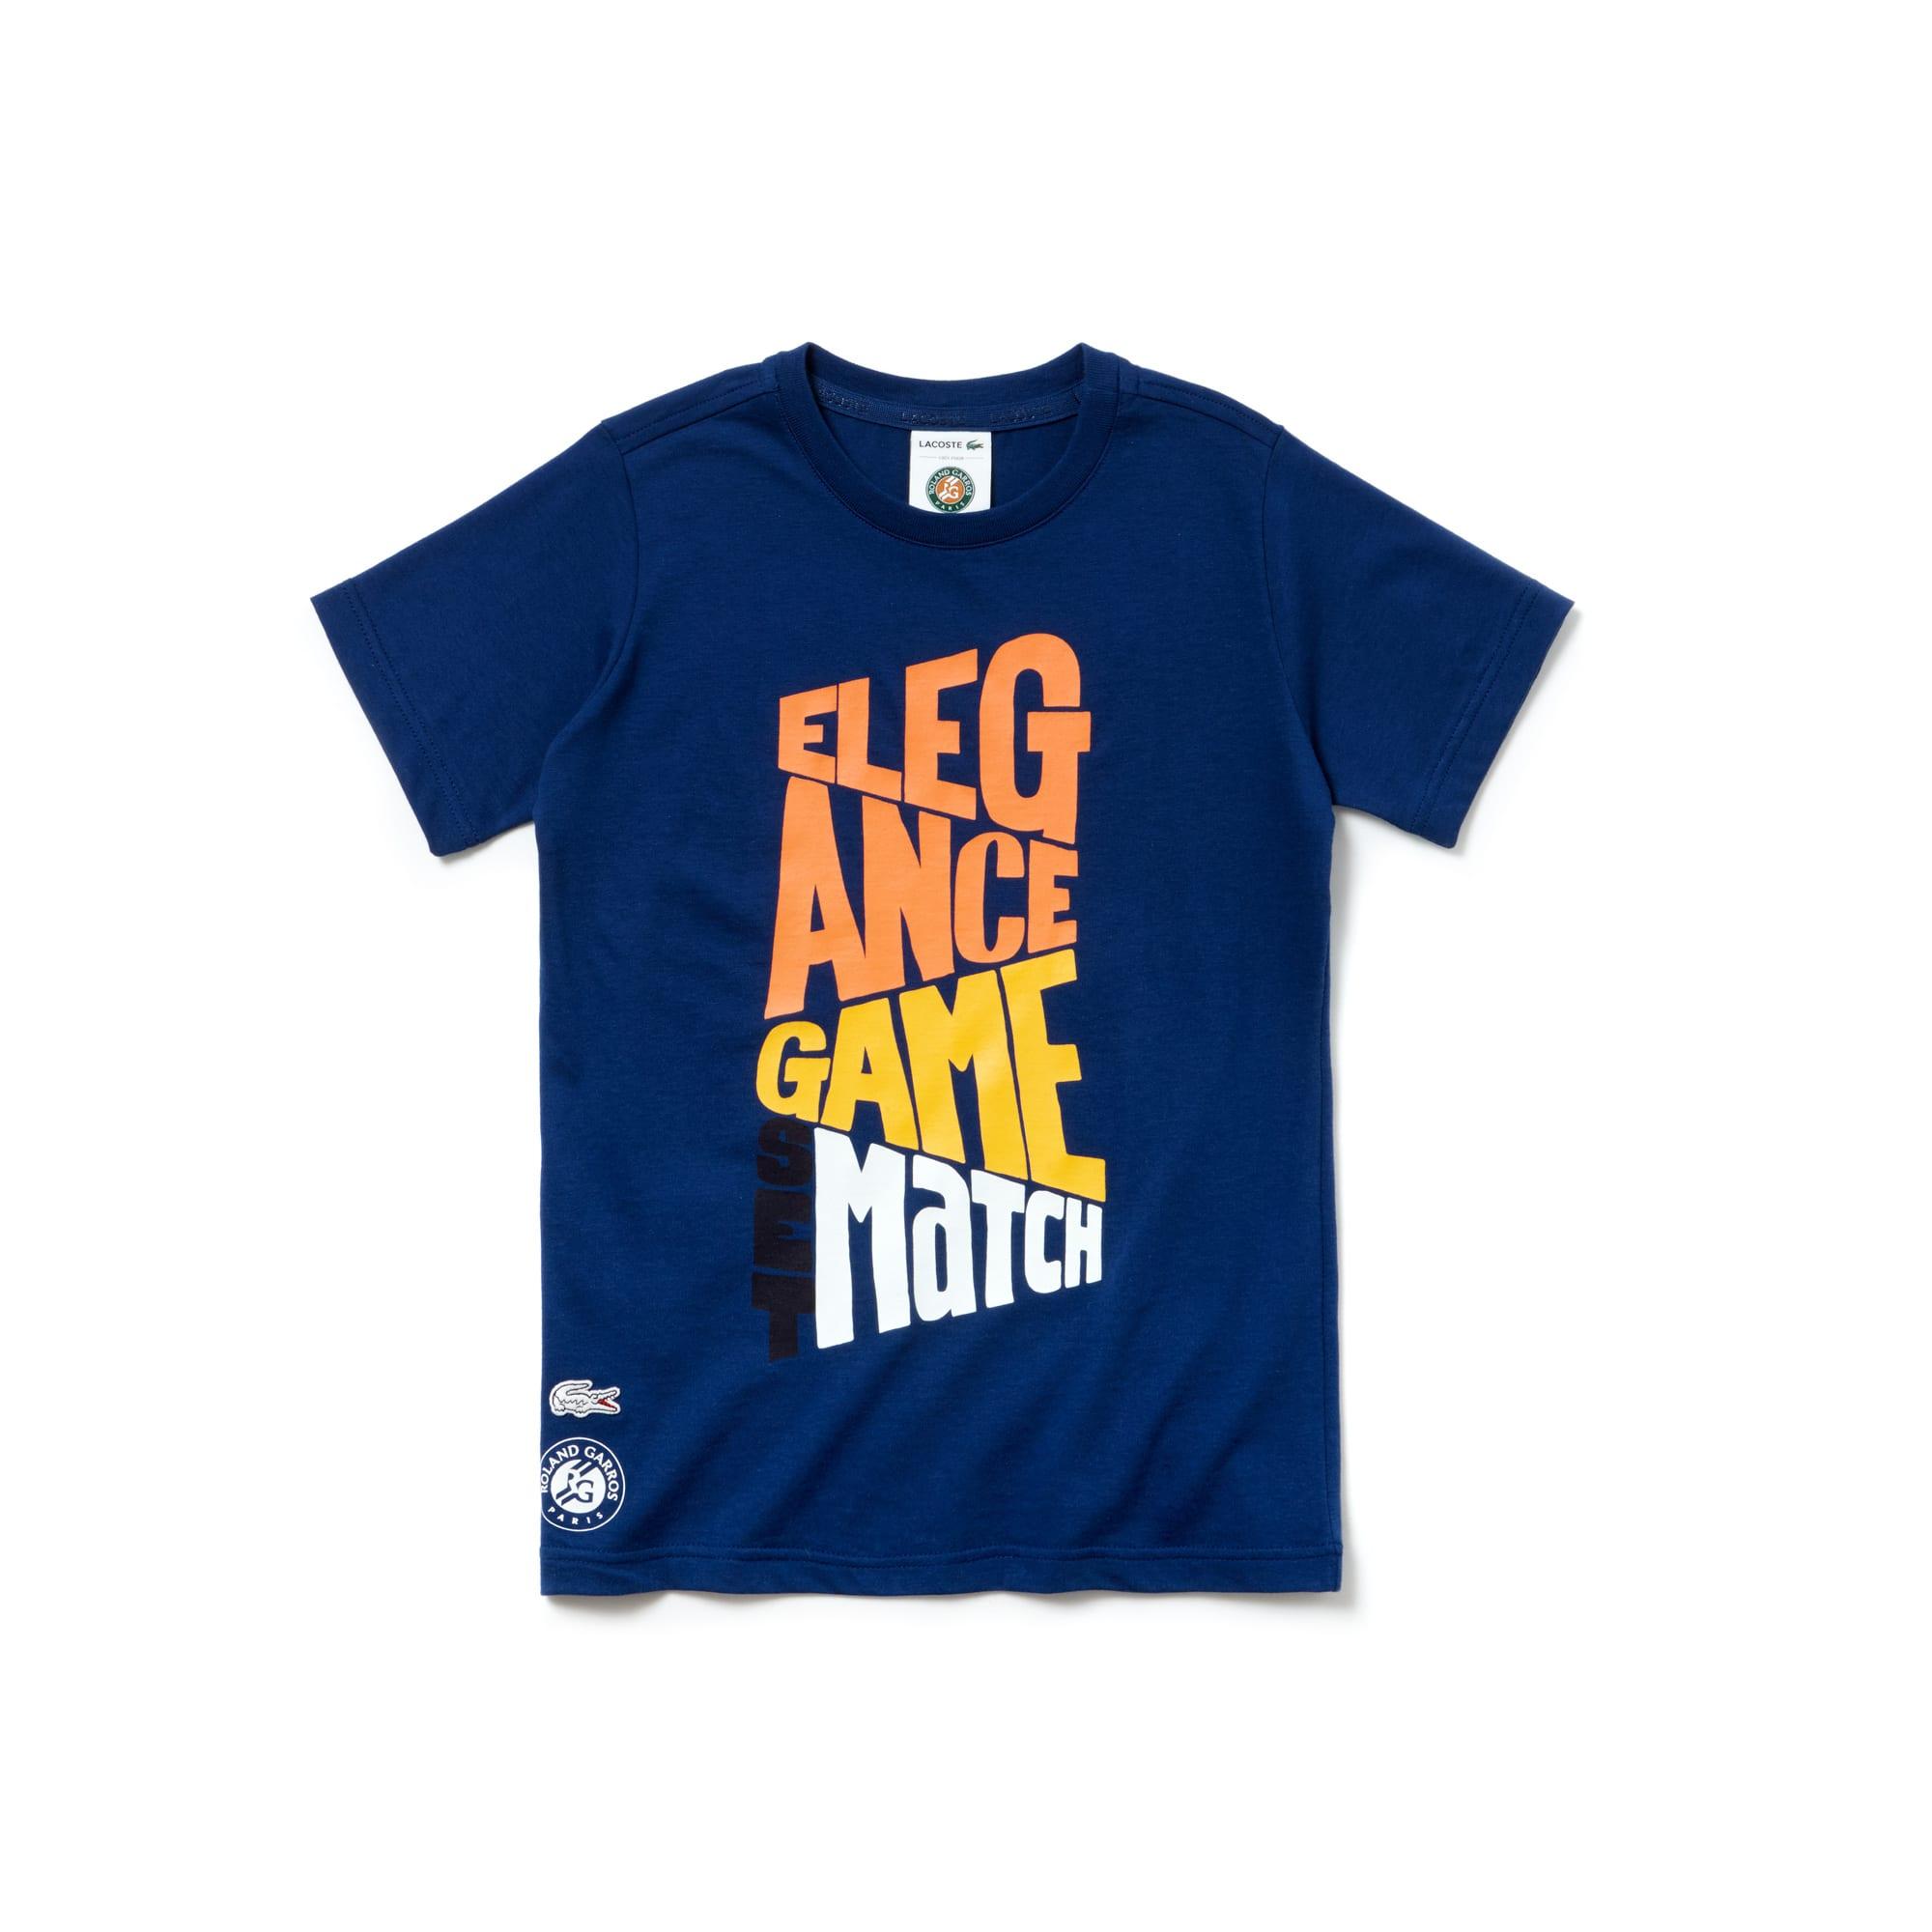 Boys' Lacoste SPORT Roland Garros Edition Cotton T-shirt